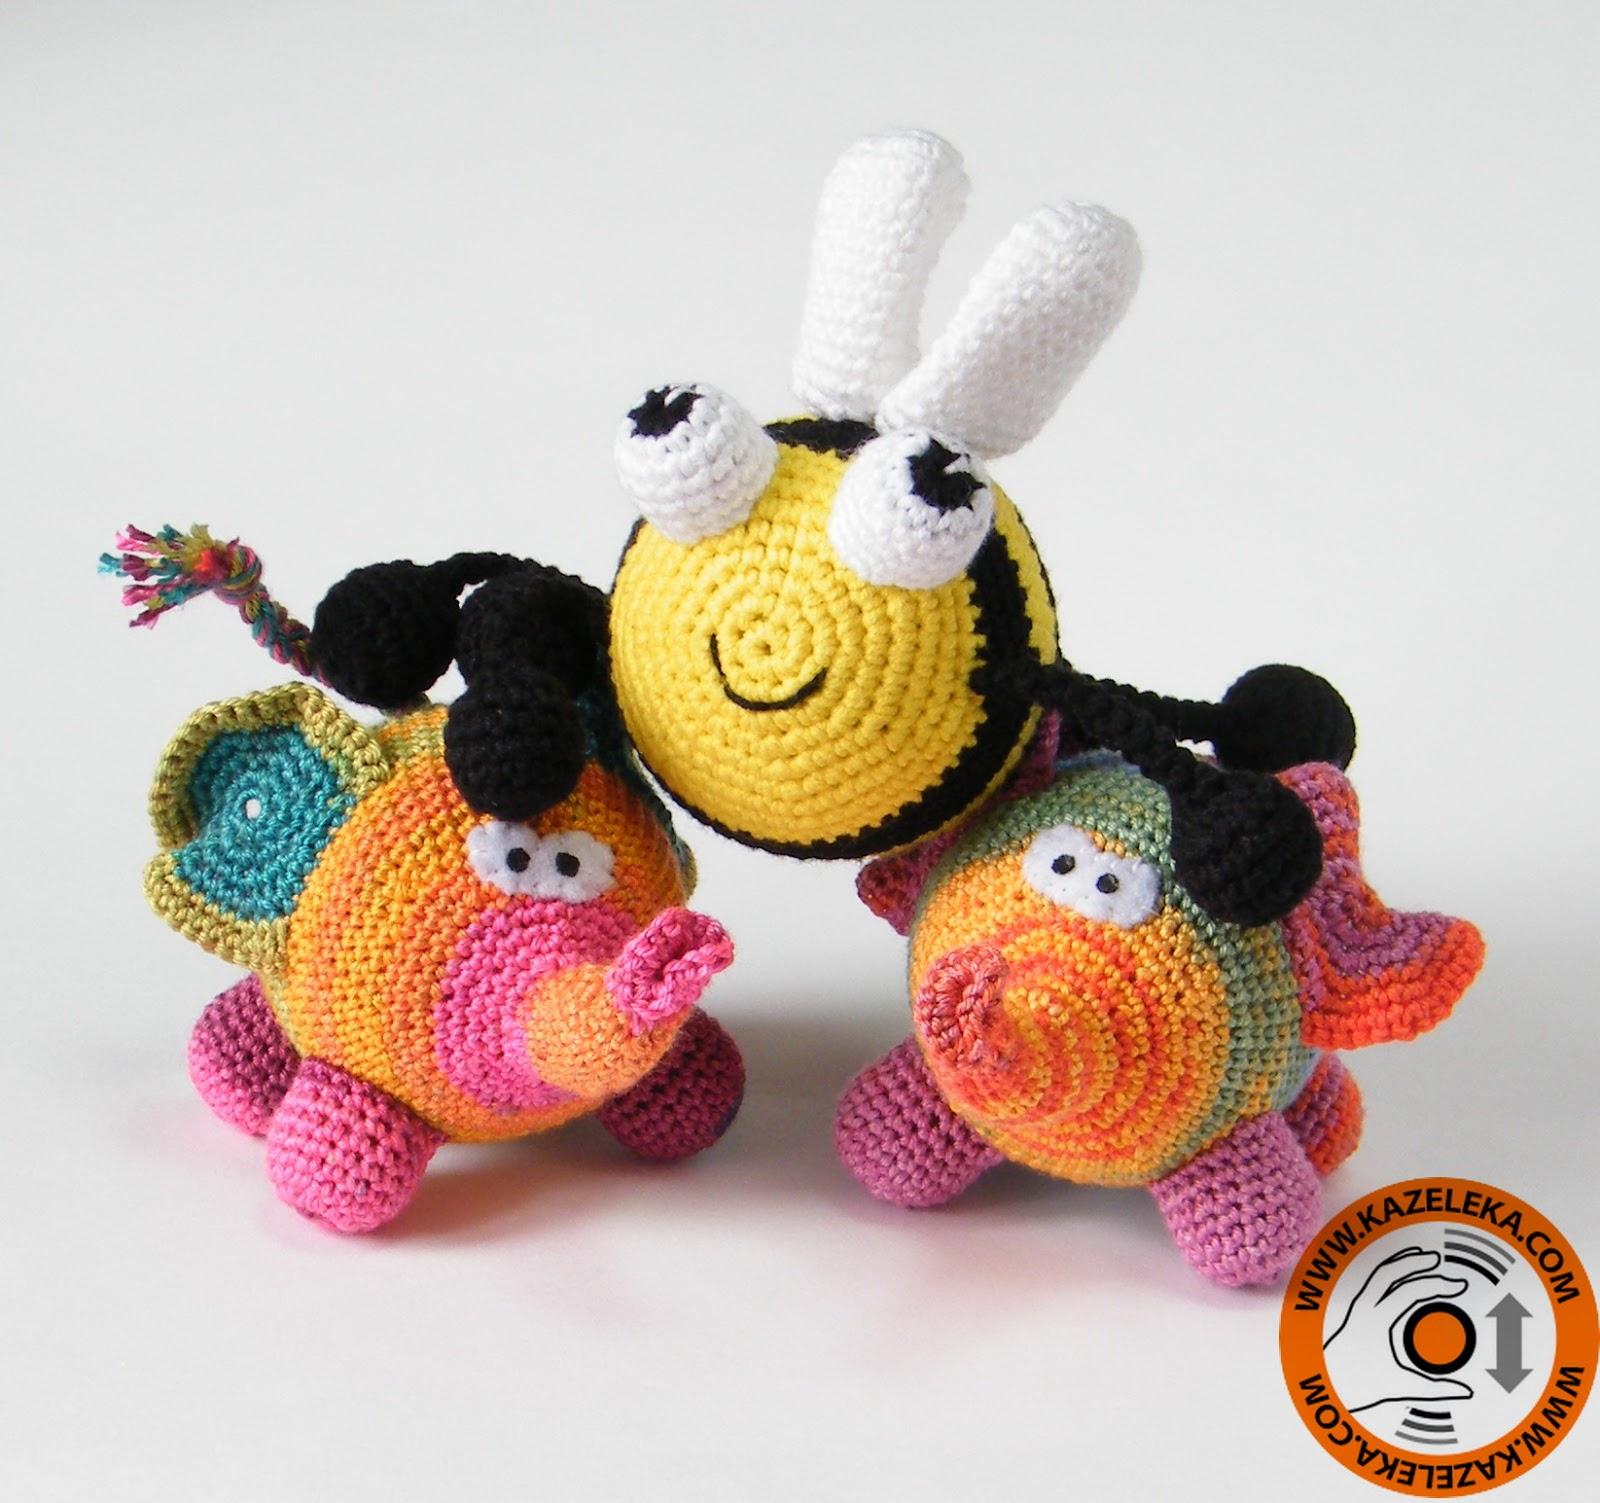 вязаные игрушки пчела и слон